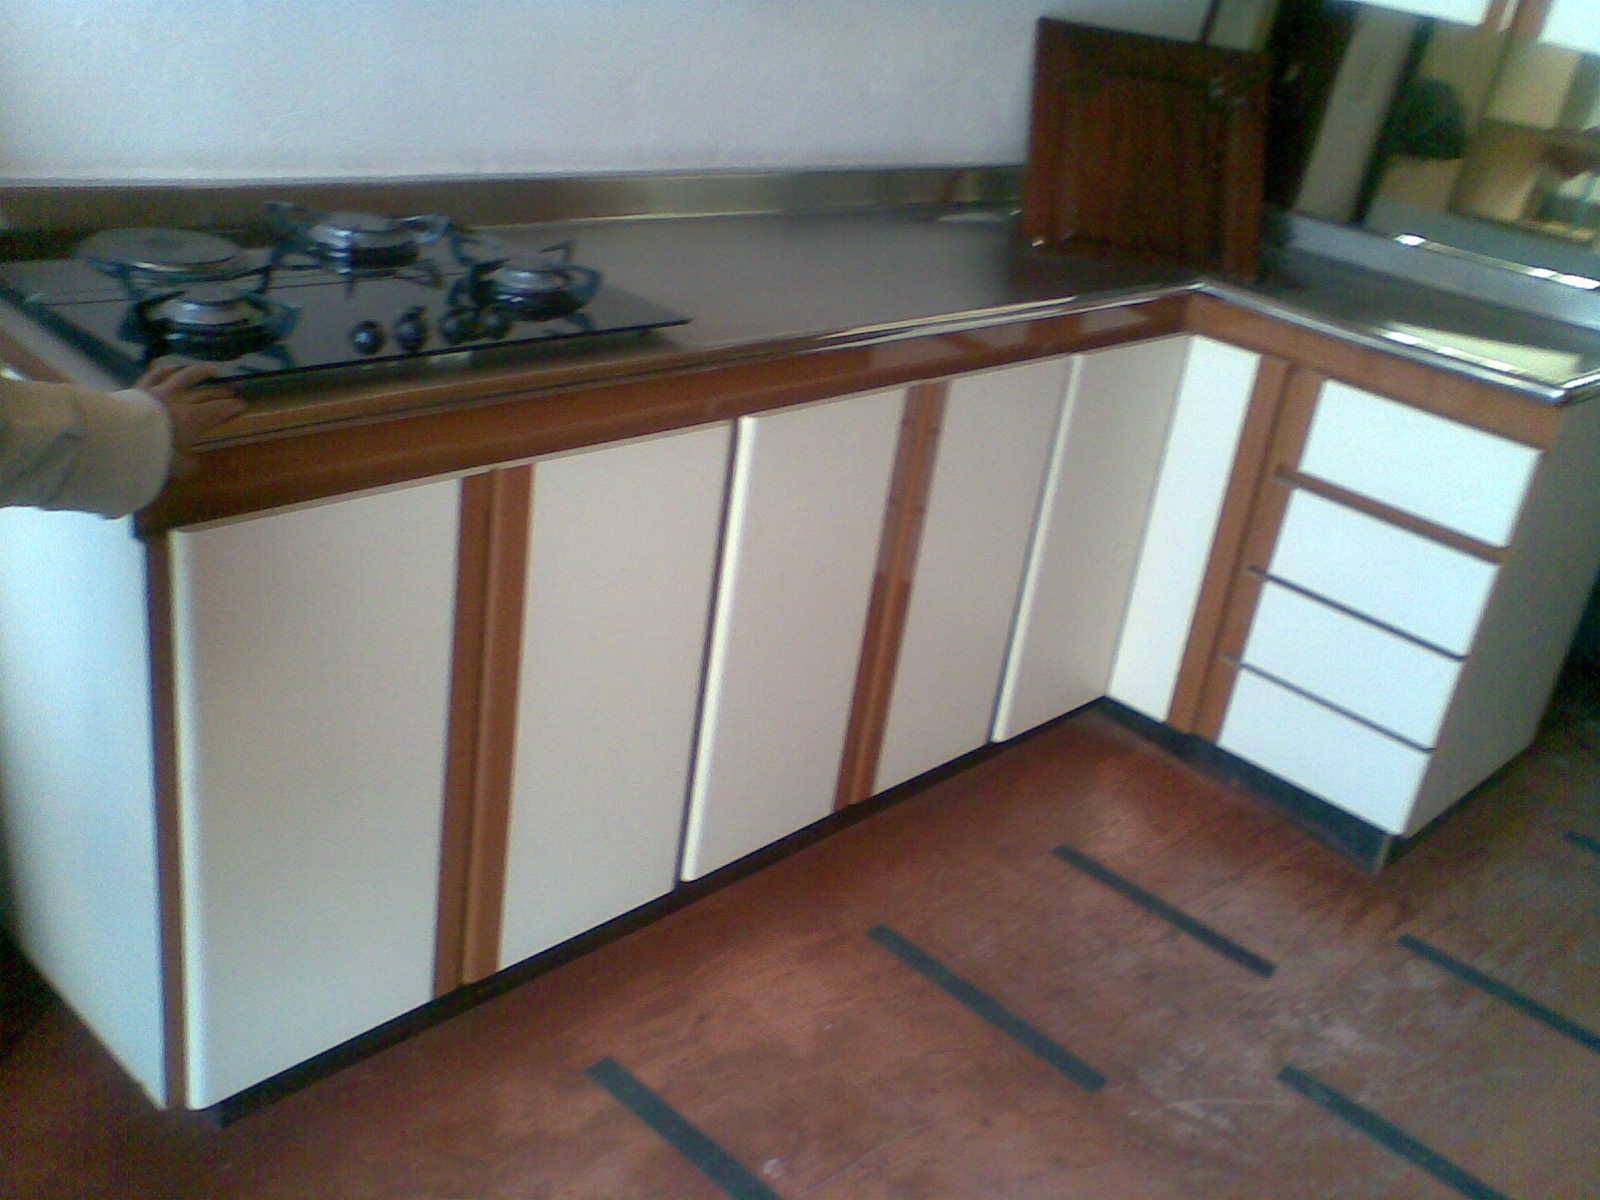 Muebles Domoticos - Muebles De Cocina Listos Para Armar Ocinel Com[mjhdah]https://www.mueblesmontalco.es/wp-content/uploads/2014/05/prueba.jpg